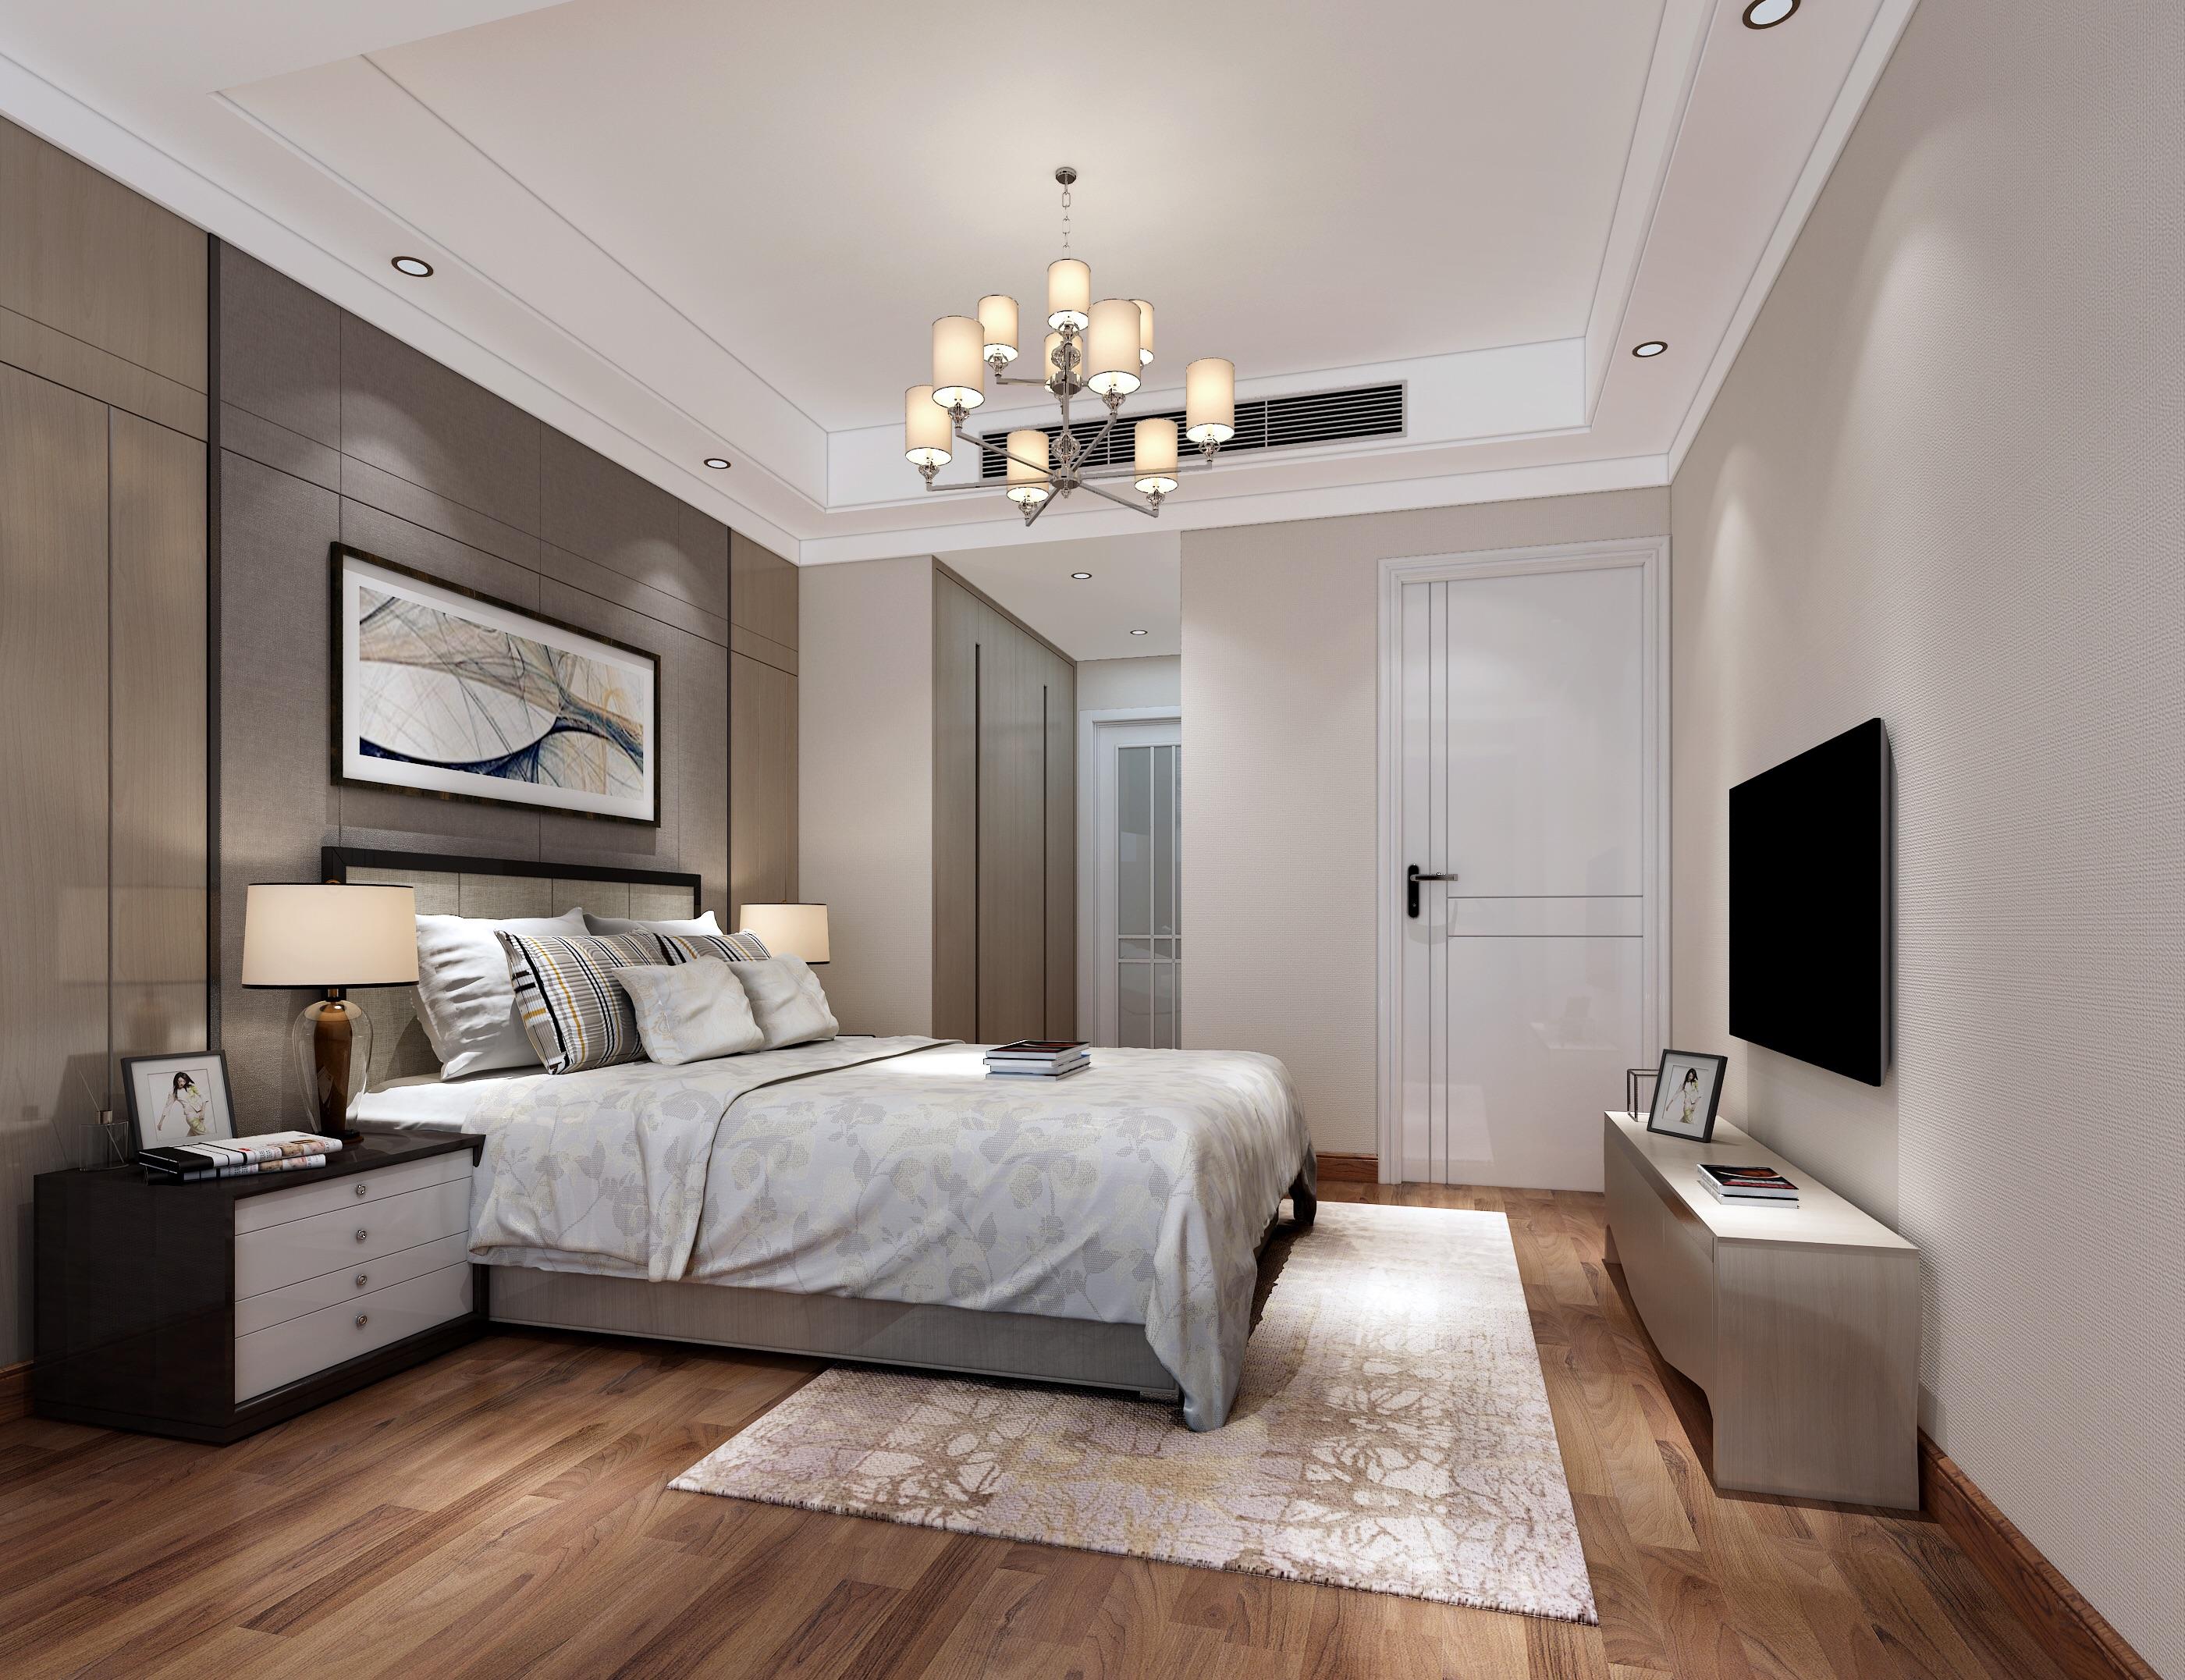 现代简约室内设计装修设计新房装修别墅装修二手房自建房效果图